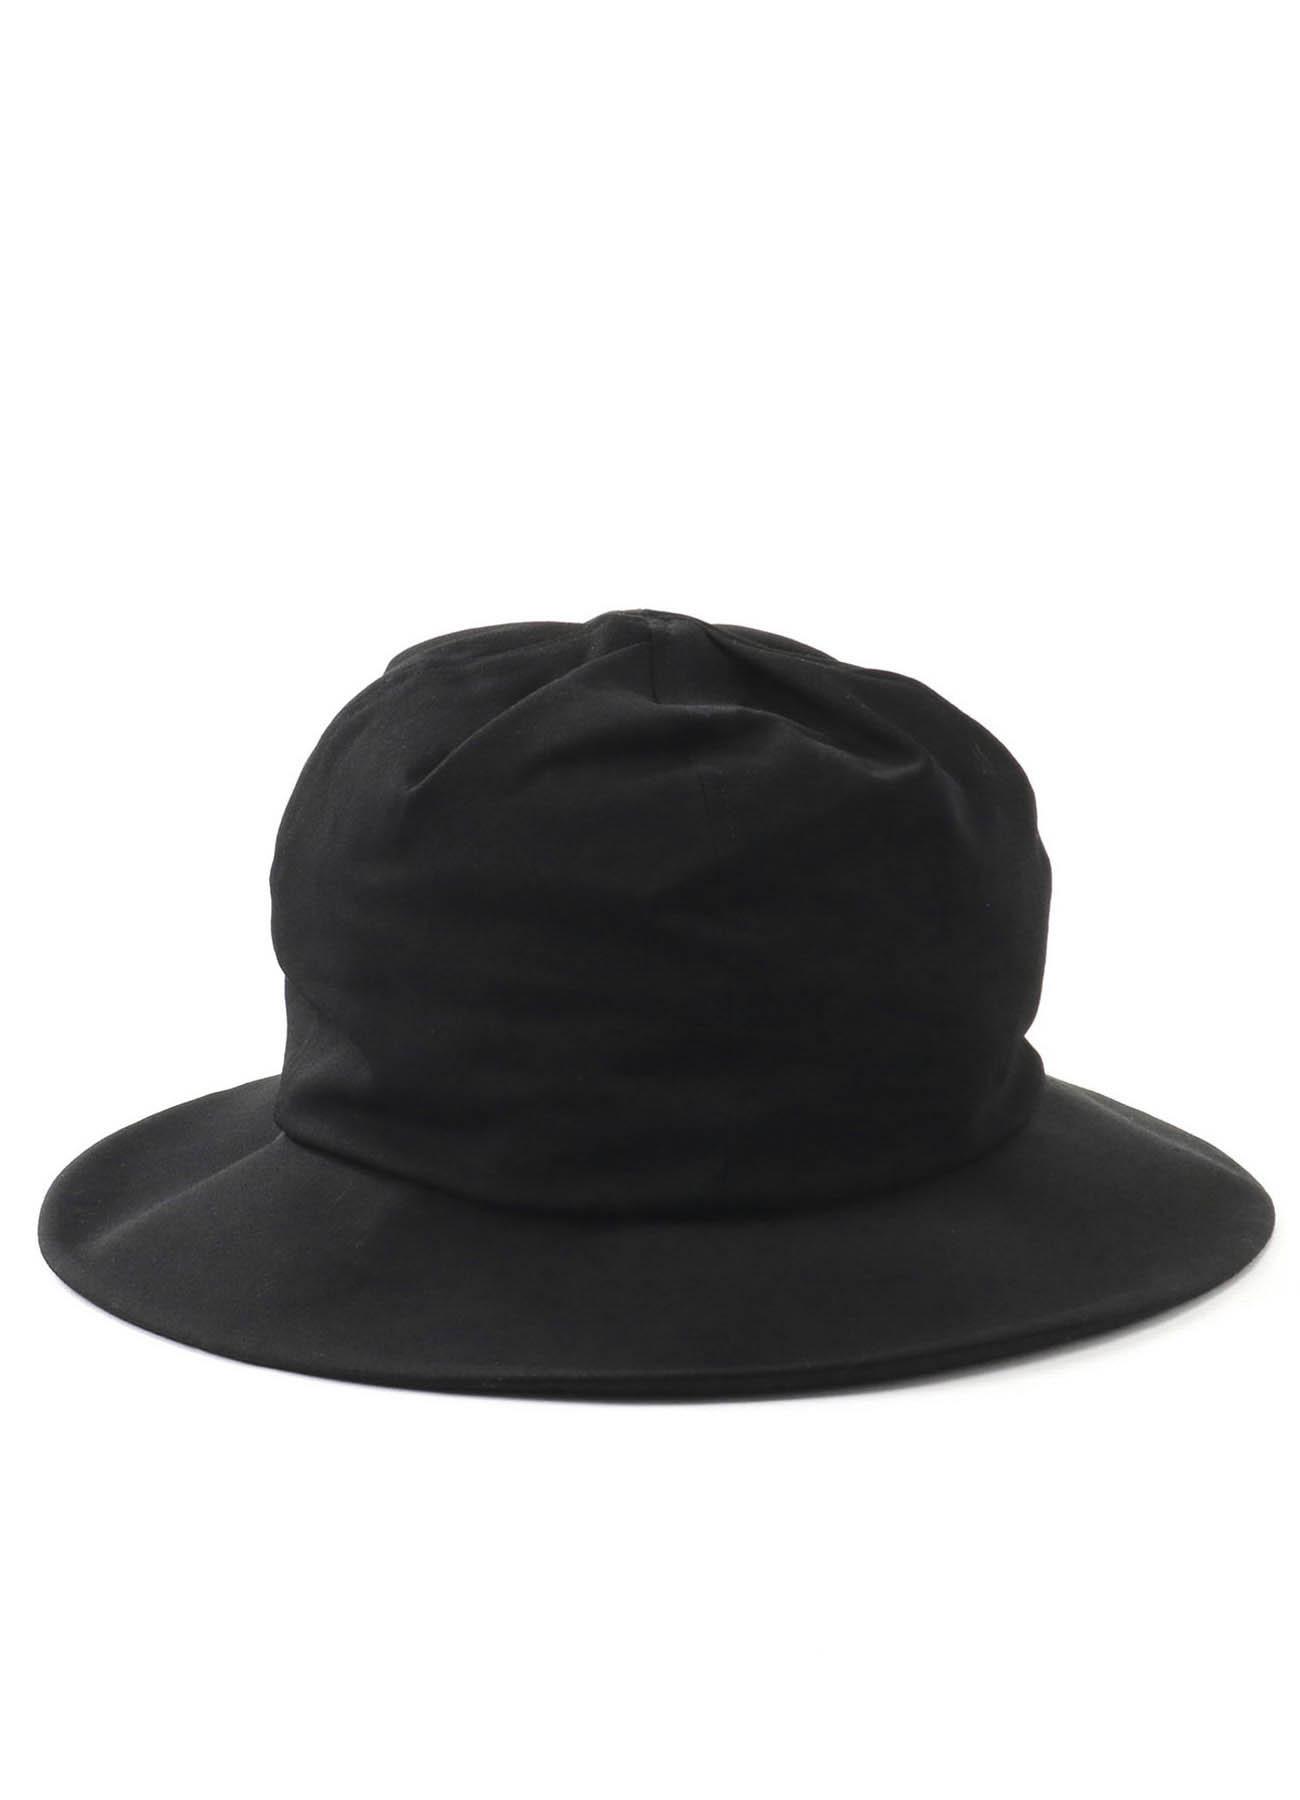 褶皱华达呢礼帽